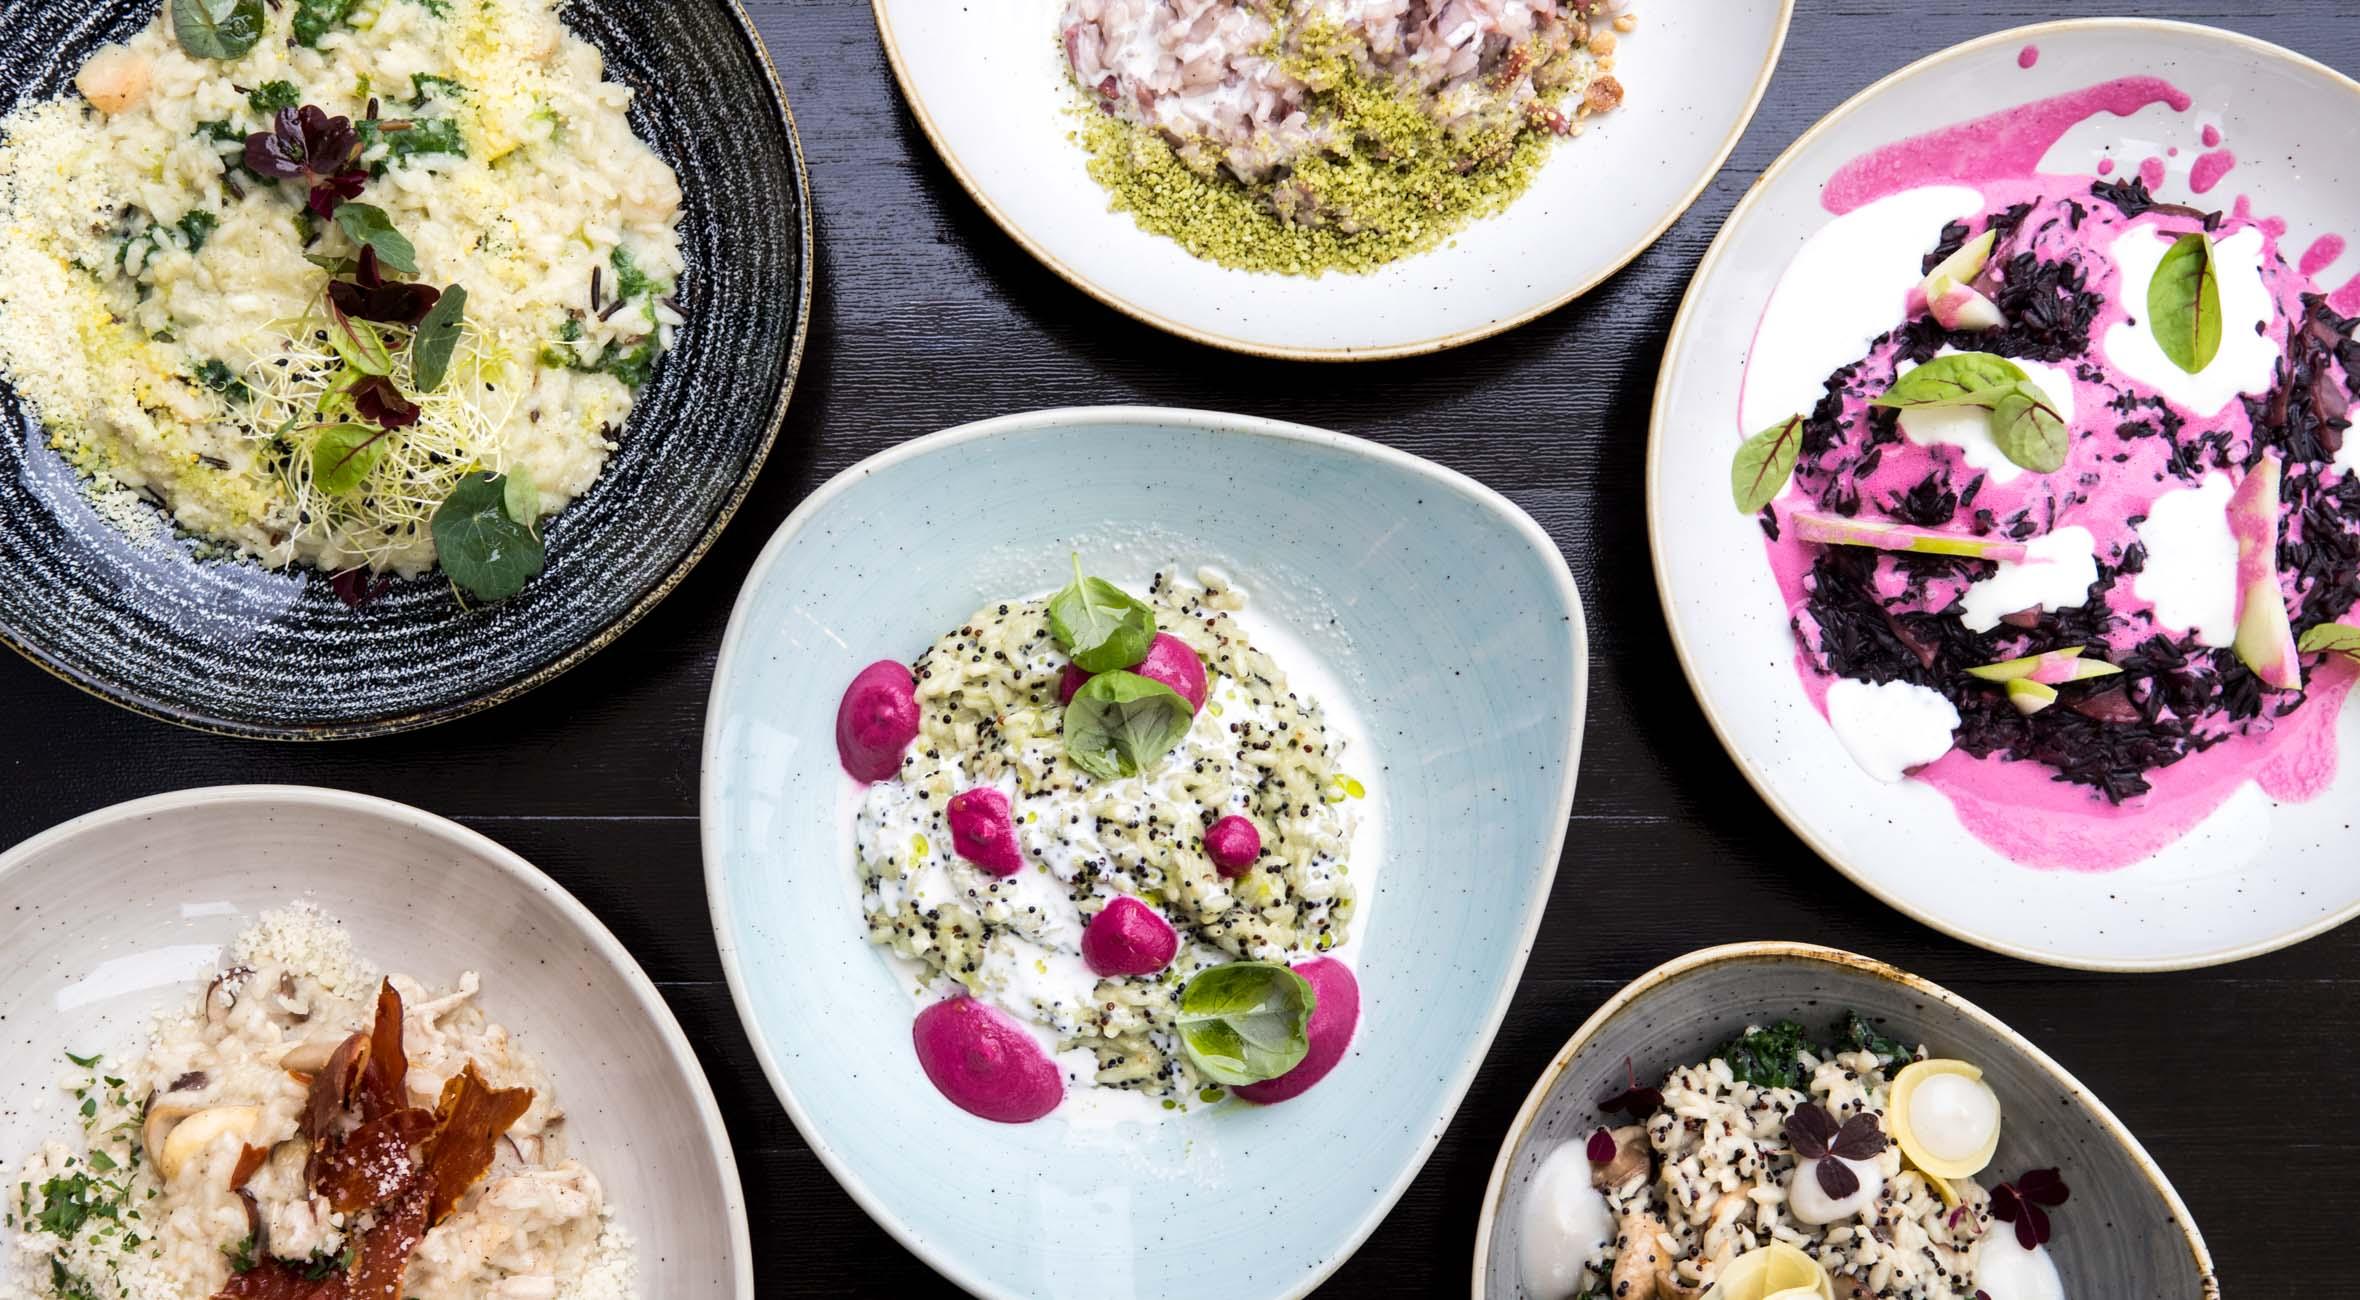 2 x risotto + 2 x øko-saft/vin hos hippe Ris8 på Vesterbro – Landets første risotto-bar bader i rosende anmeldelser